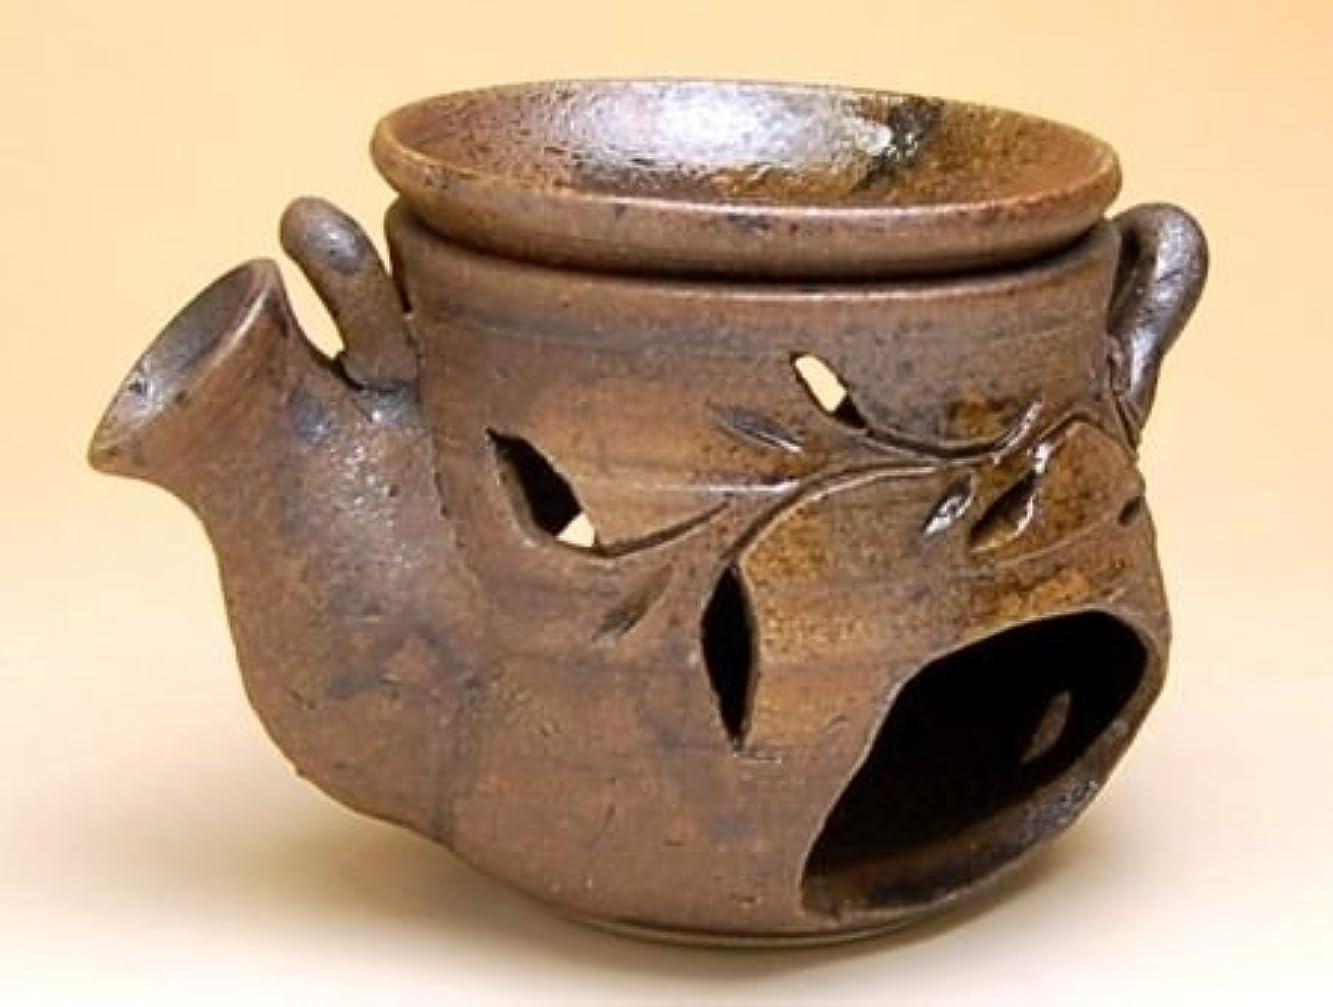 寛大なあごベルト有田焼 土瓶型 茶香炉【サイズ】径14cm×9.2cm×高さ9cm